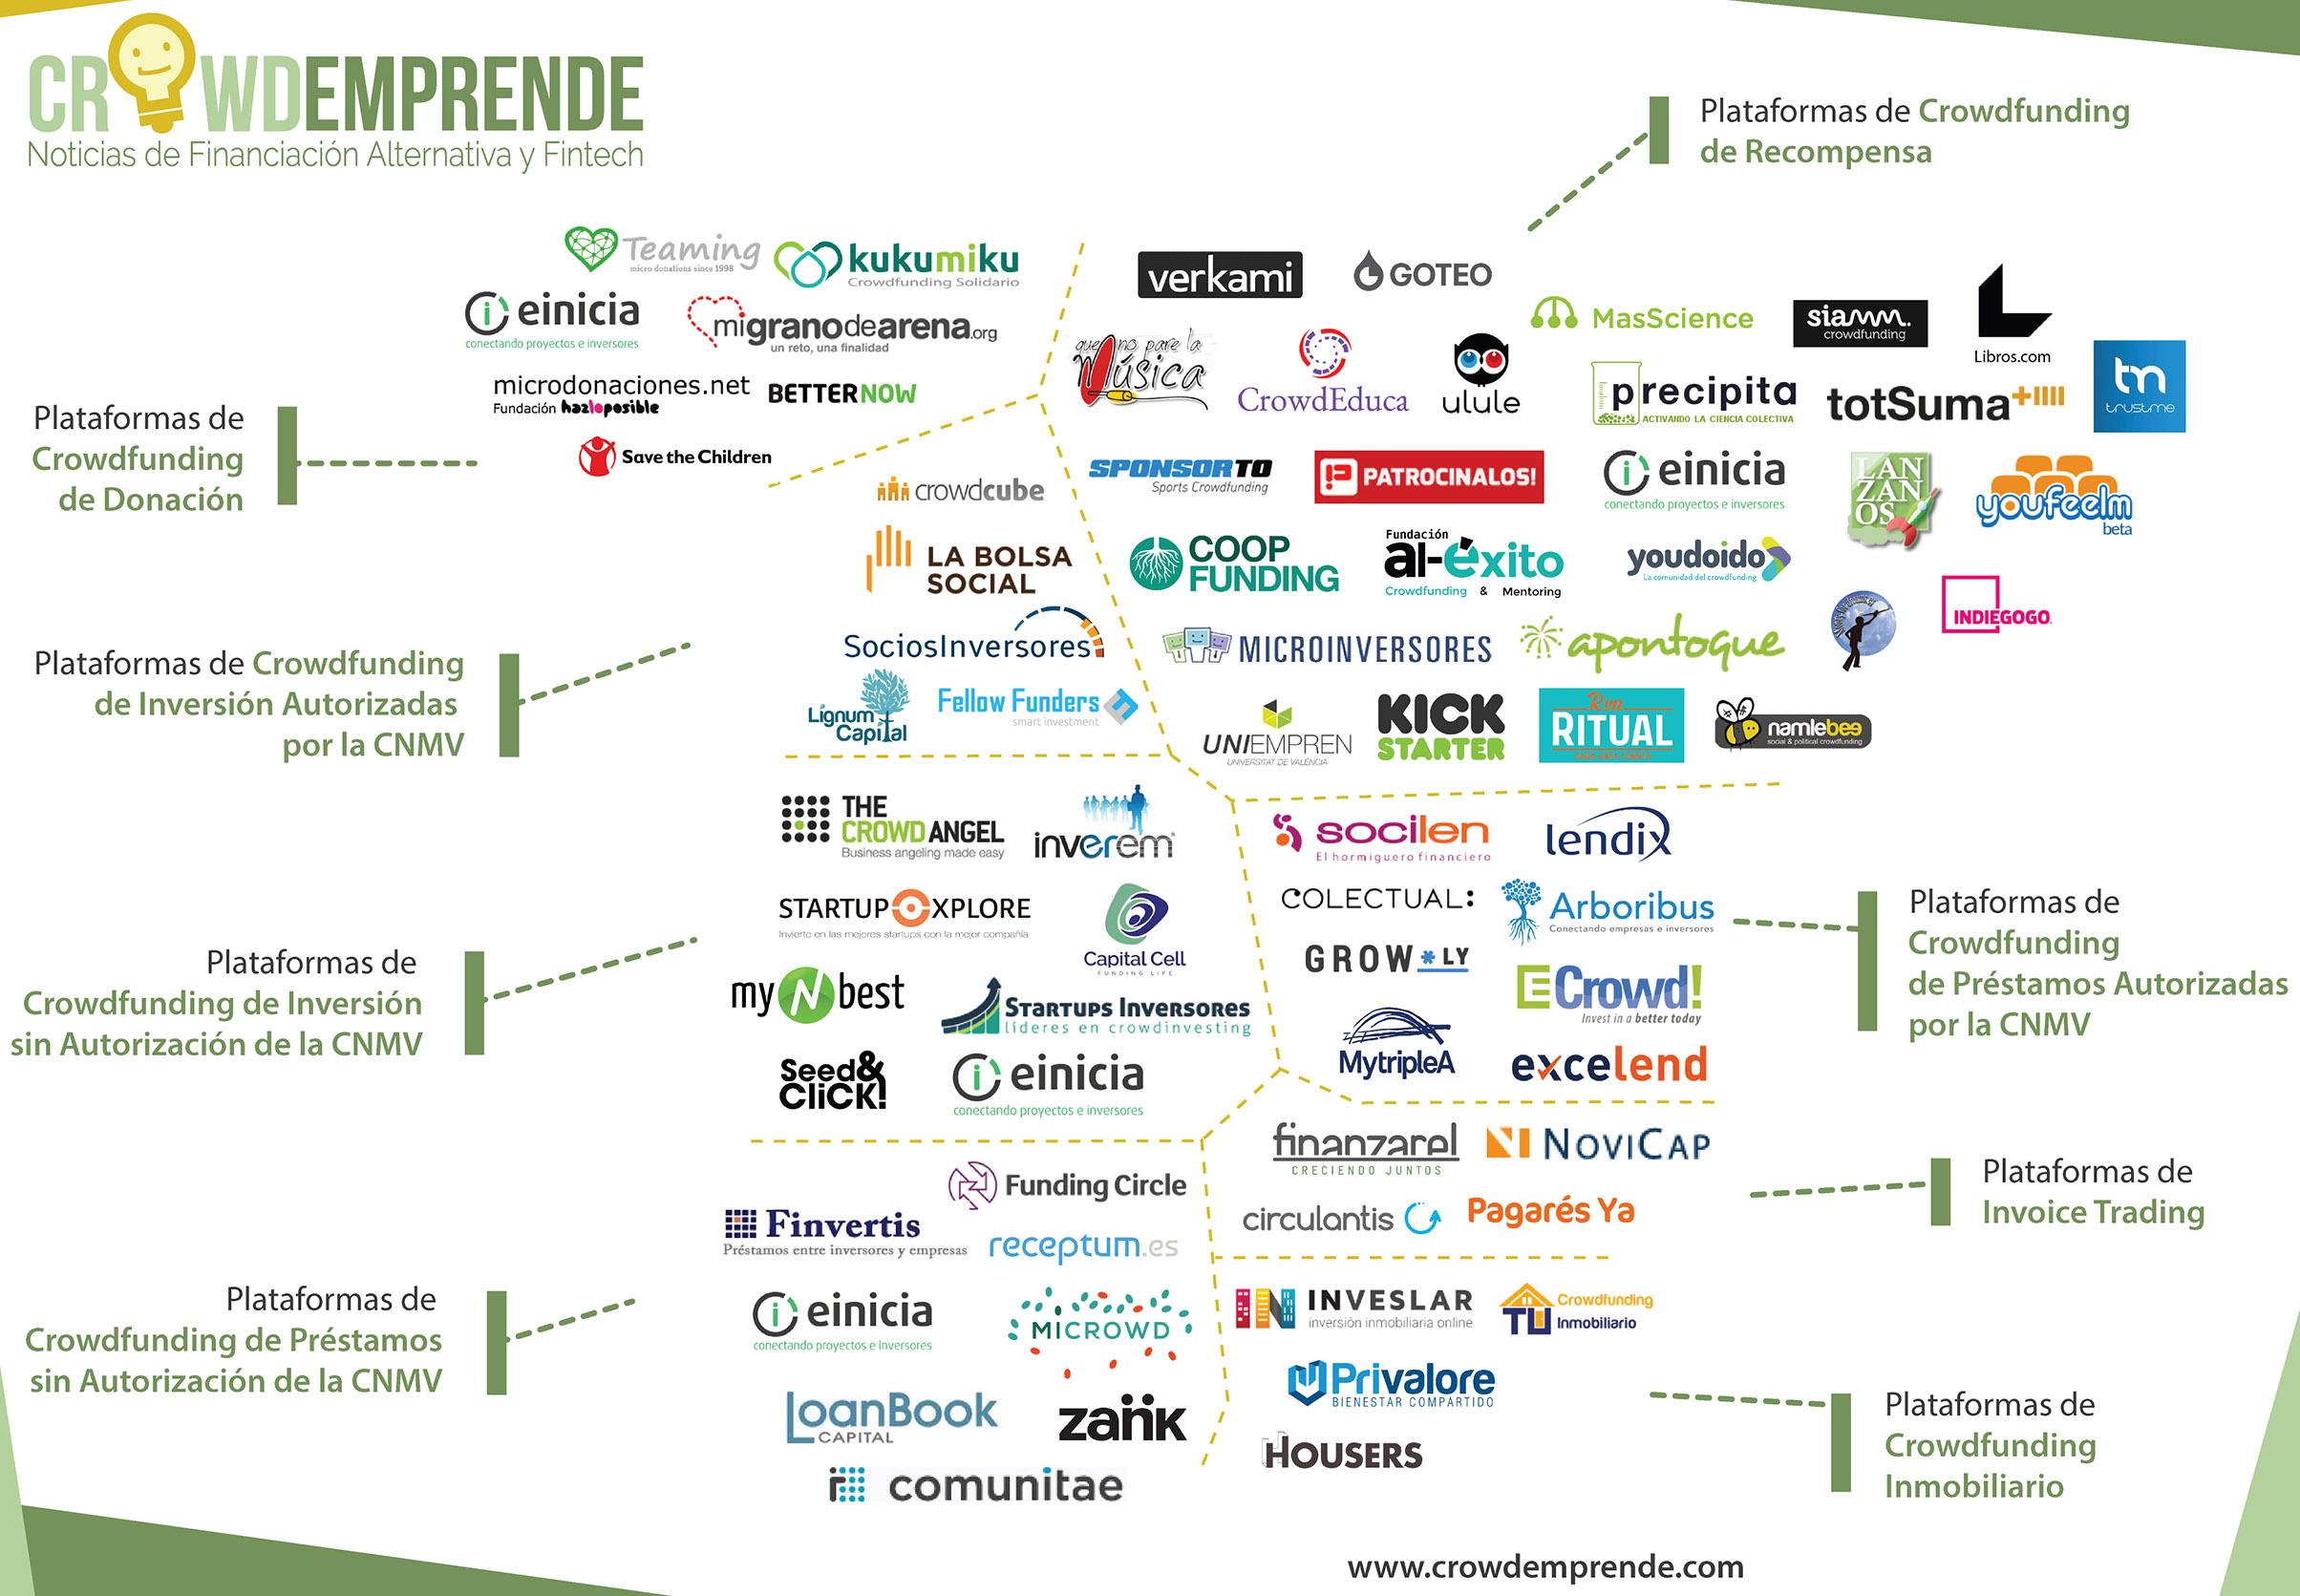 70 plataformas de 'crowdfunding' operan actualmente en España